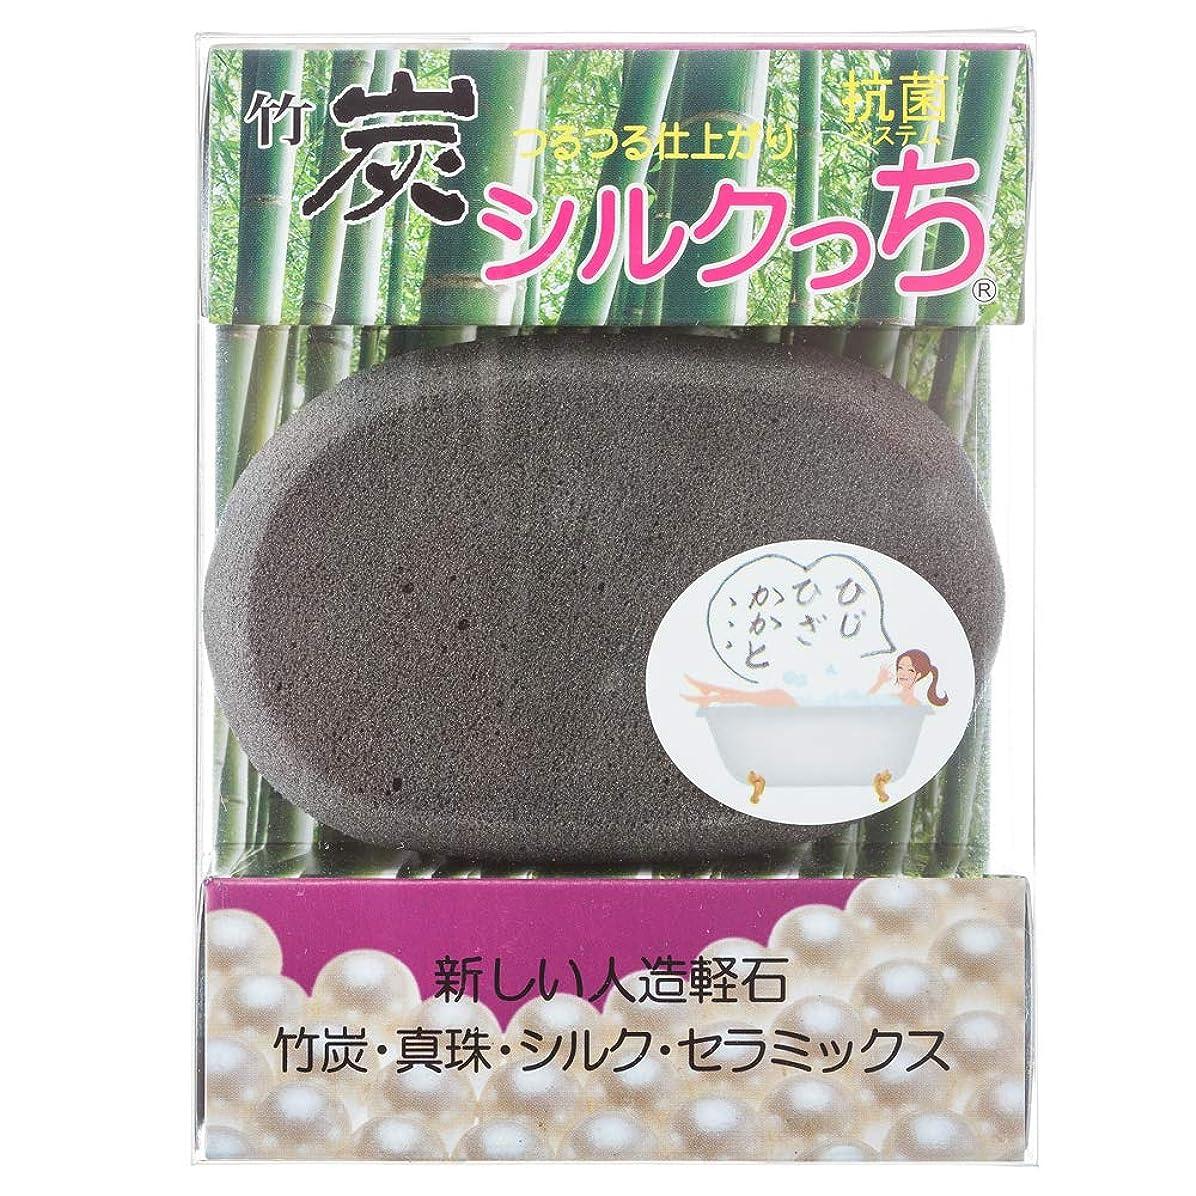 ネブ排出さびた竹炭シルクっち